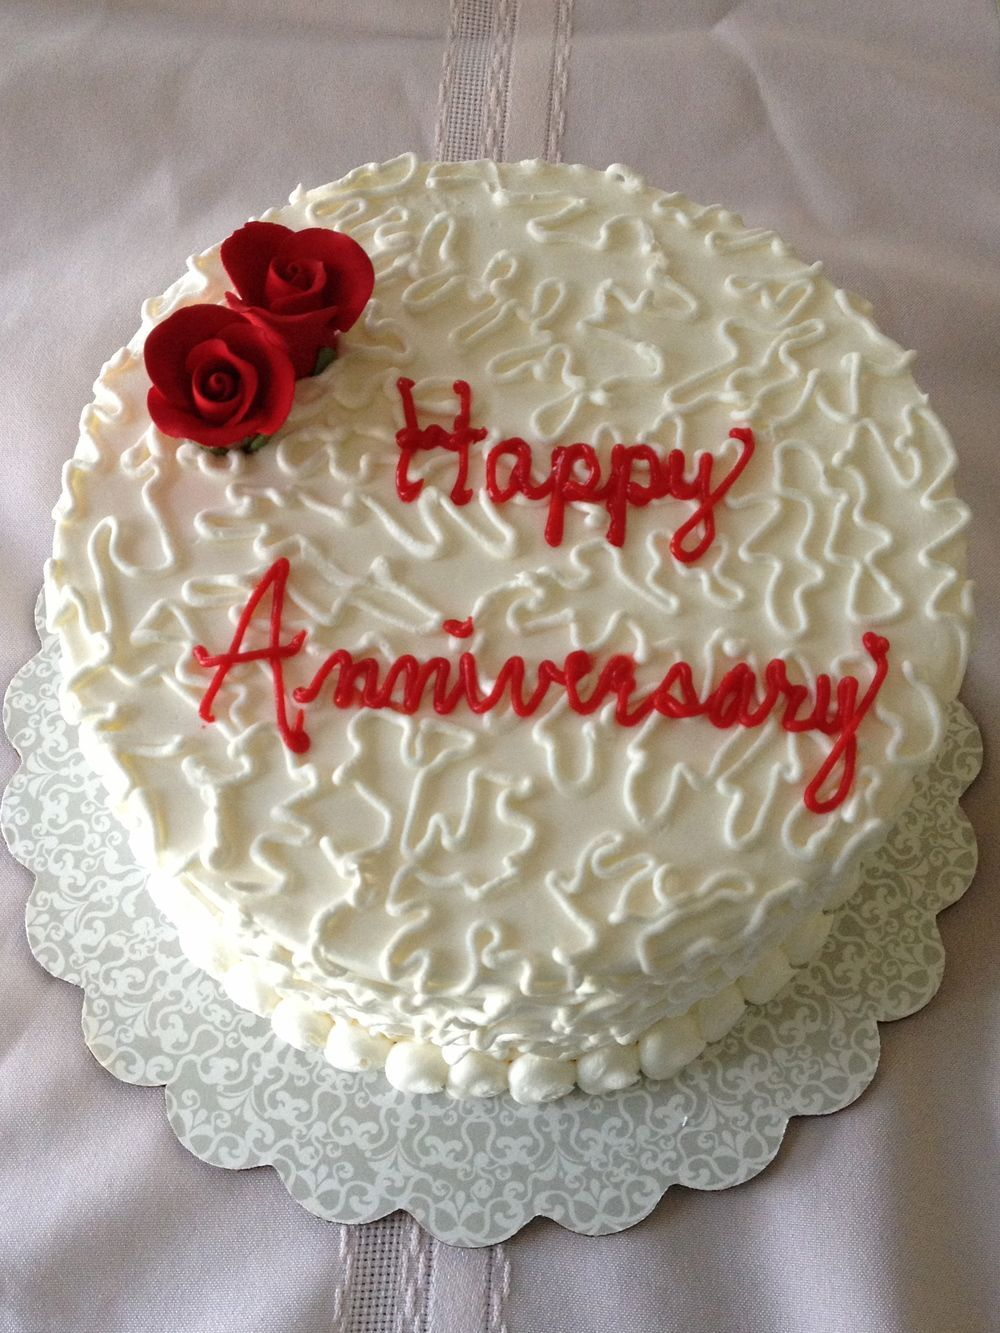 Online Midnight Cake Delivery In Hyderabad Birthdaycakes Https